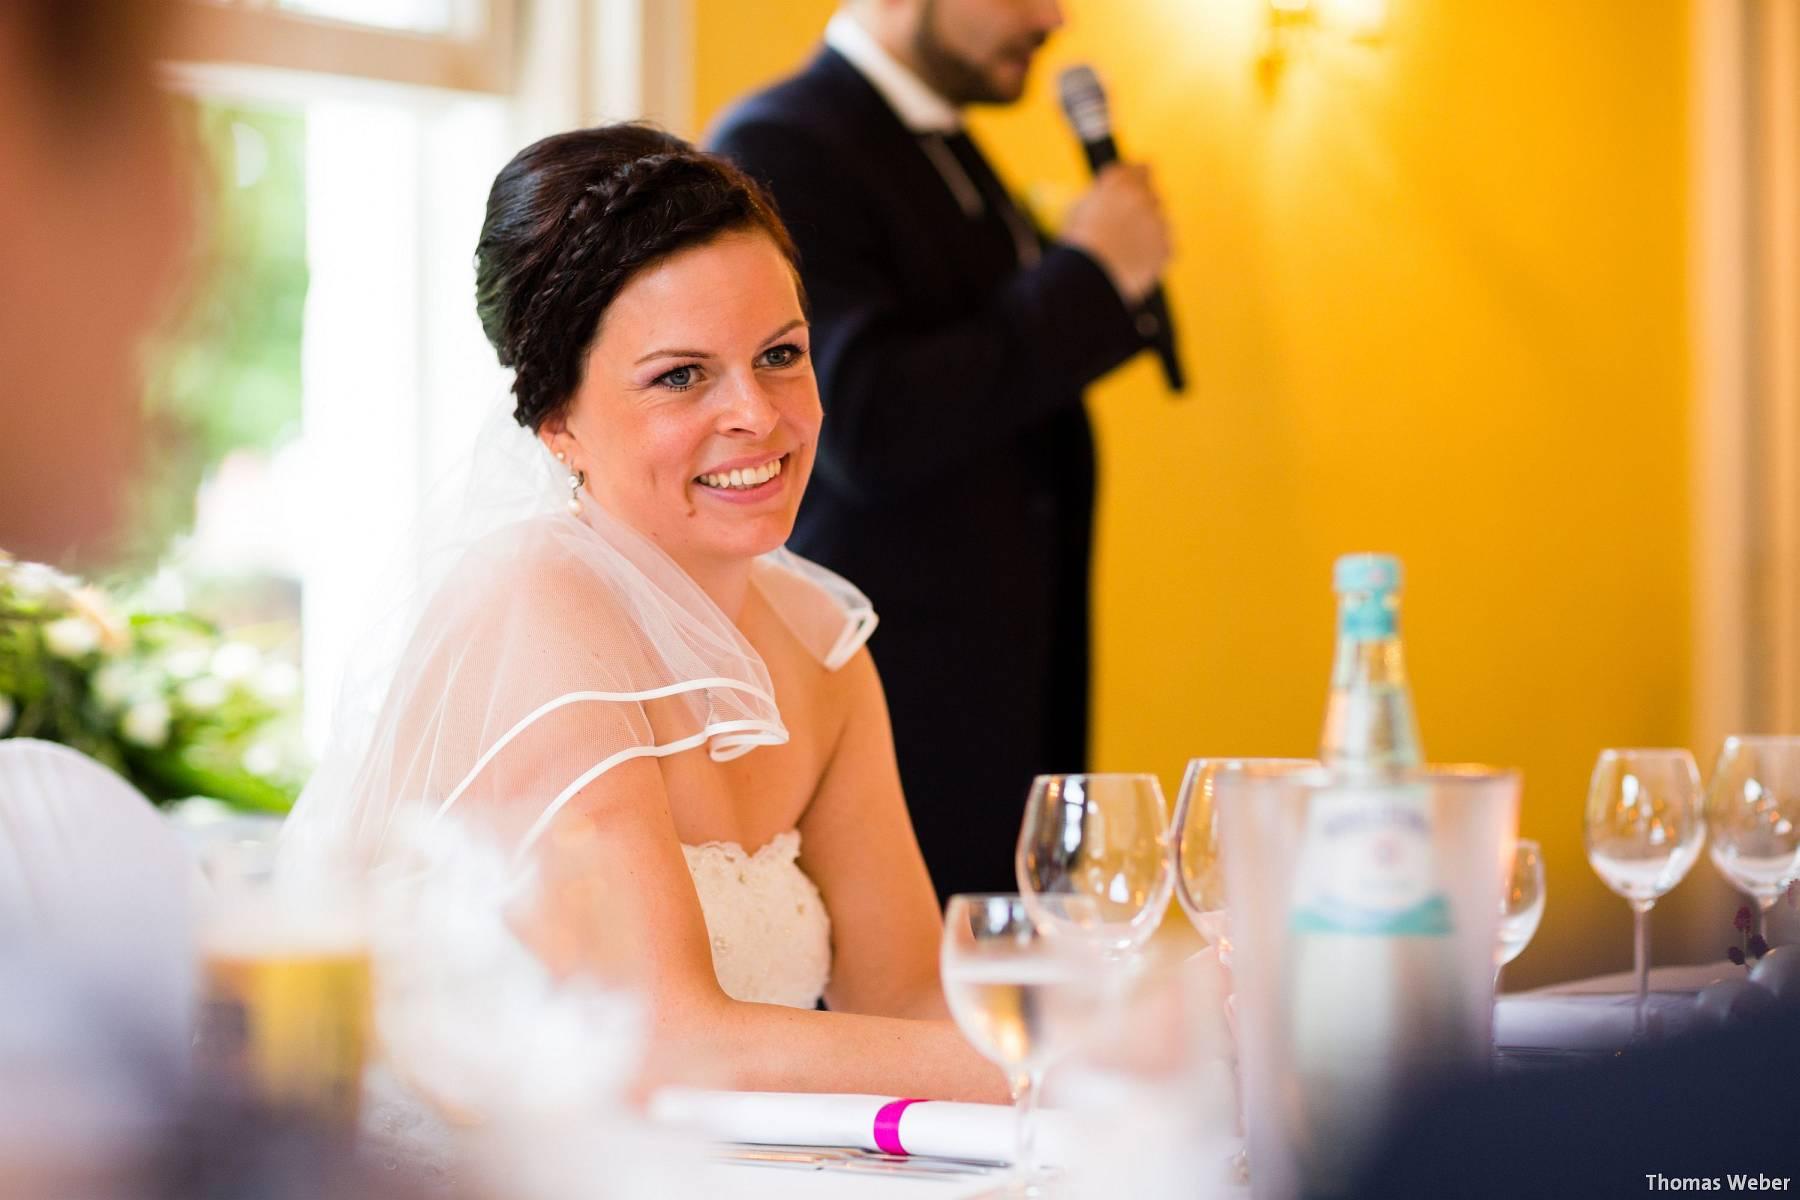 Hochzeitsfotograf Oldenburg: Kirchliche Trauung in der Garnisonkirche Oldenburg und Feier im Landhaus Etzhorn Oldenburg (33)